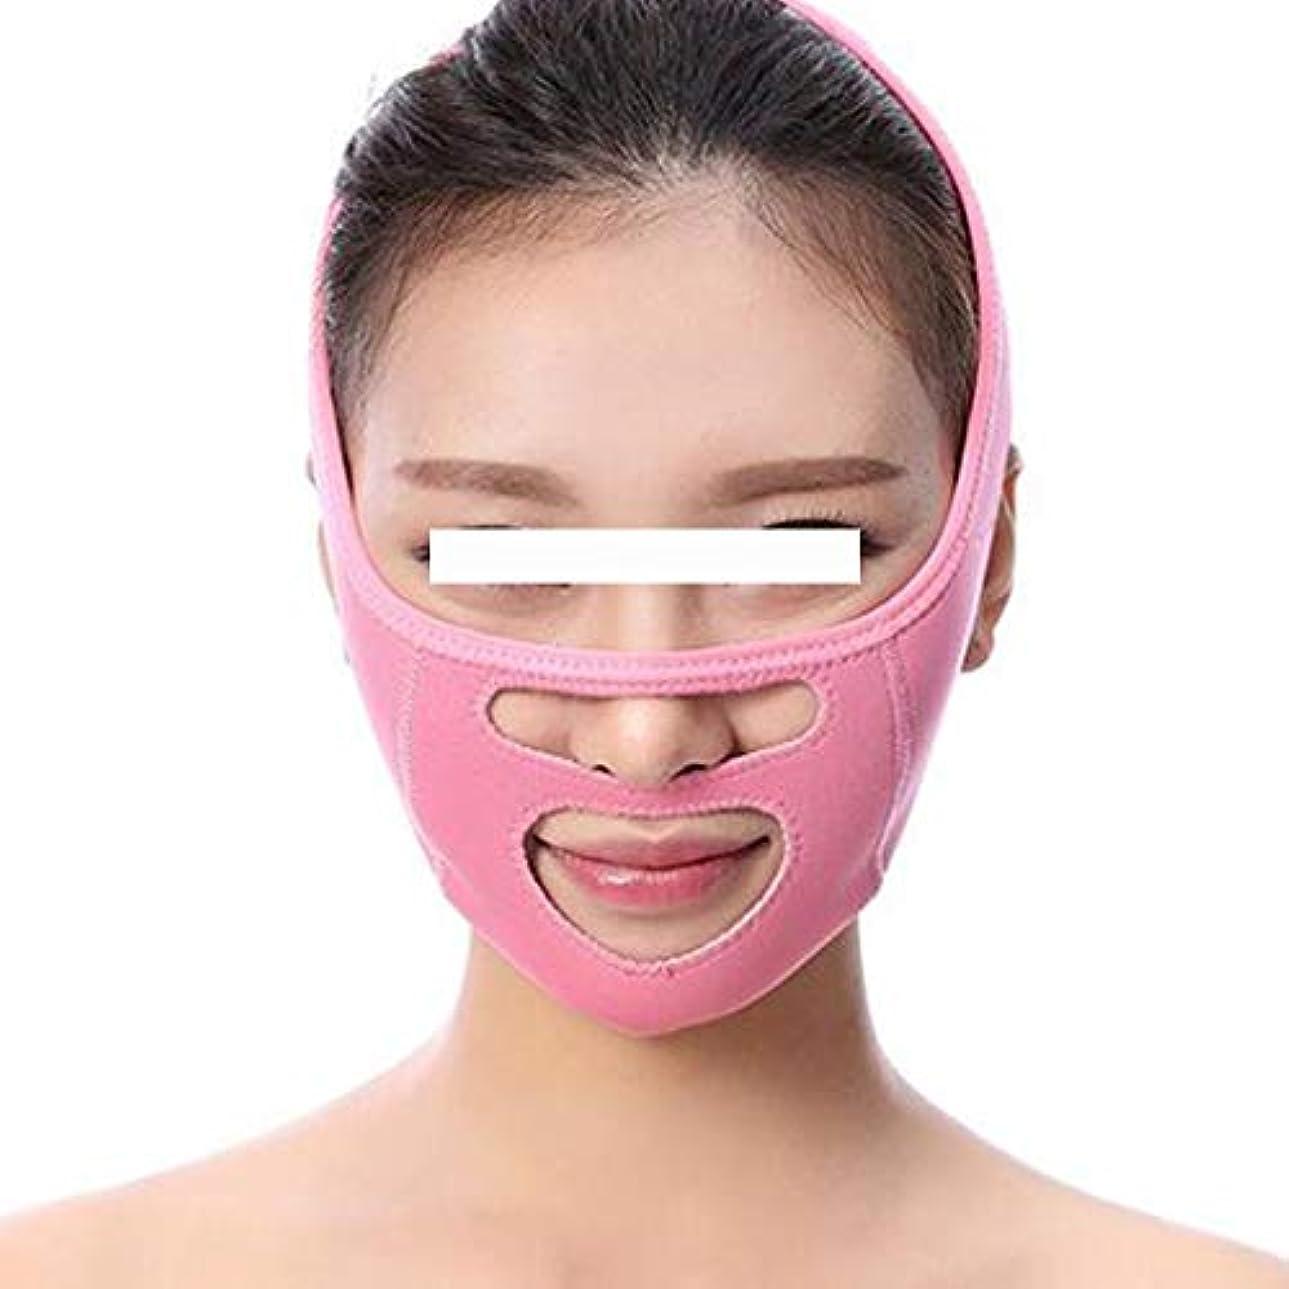 パトワ楽しむ物理的に人気のVフェイスマスク - 睡眠小顔美容フェイス包帯 - Decreeダブルチンvフェイスに移動